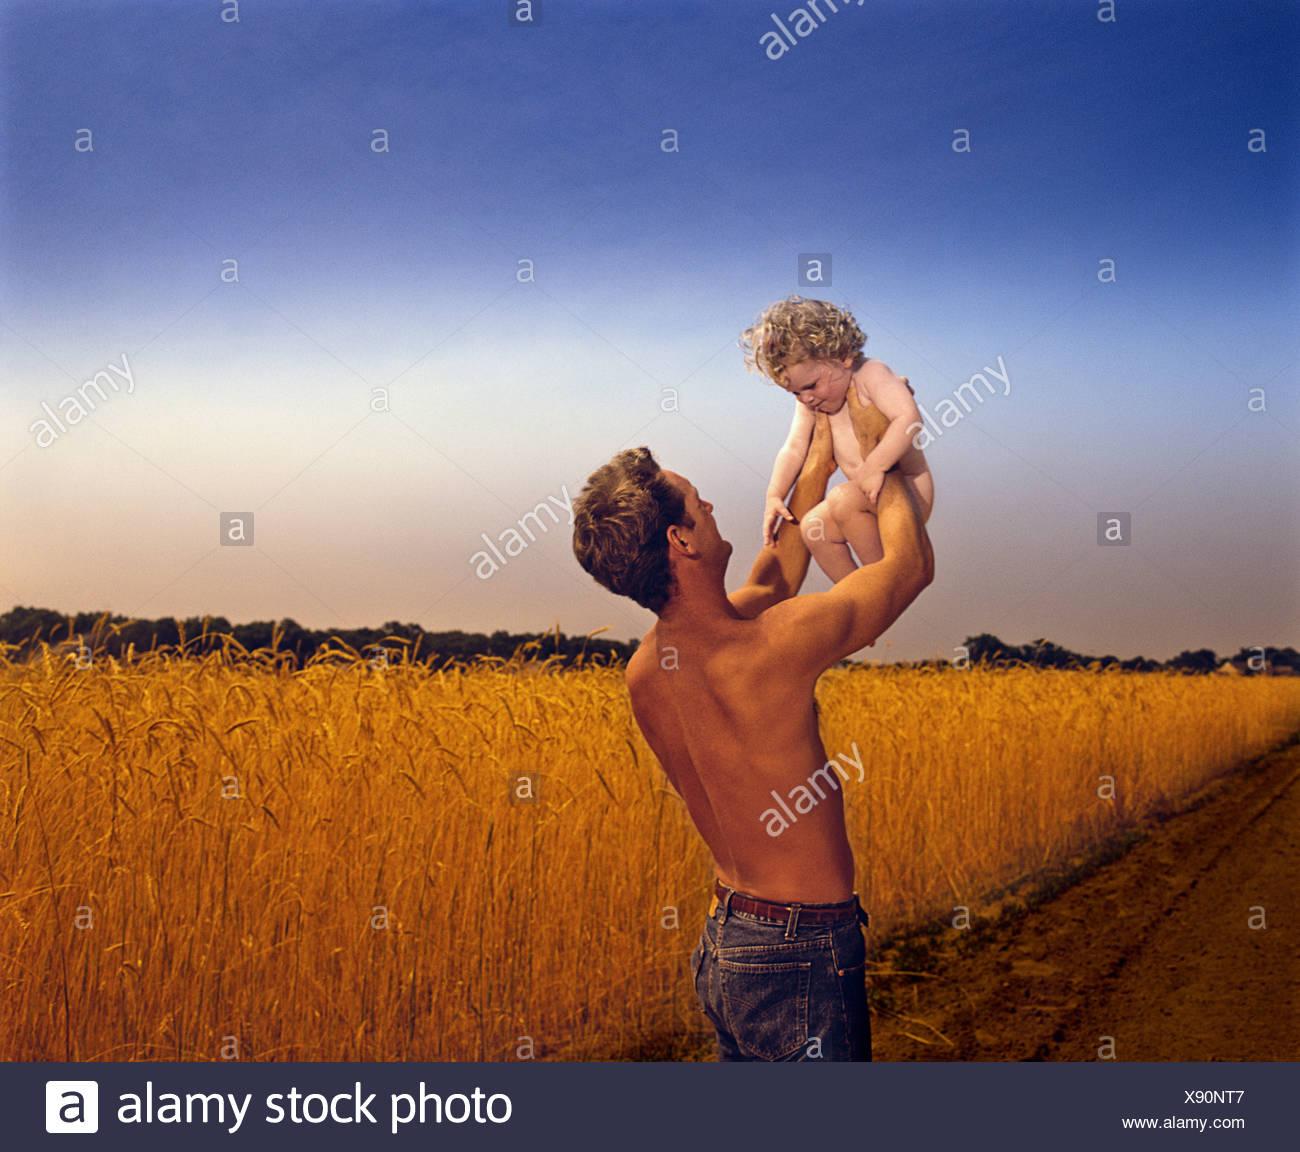 Vater mit Sohn in ländlicher Umgebung Stockbild